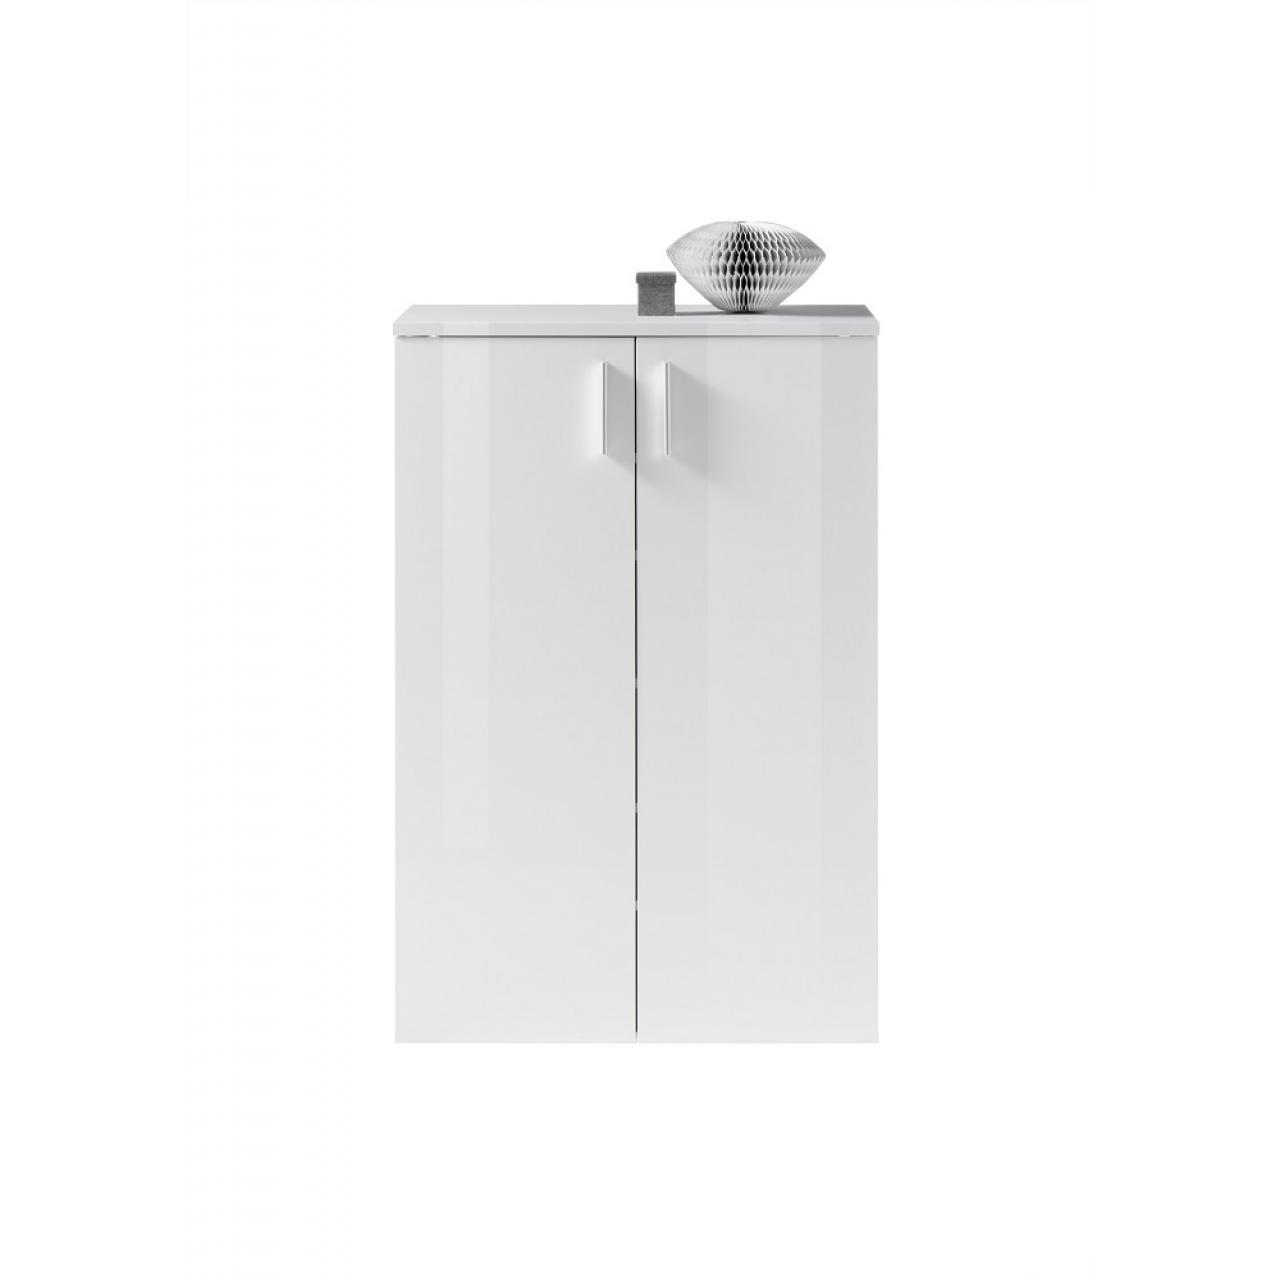 Schuhschrank Lincoln Weiß Garderobe Weiß Glanz Flur Diele Schrank 2 Türen